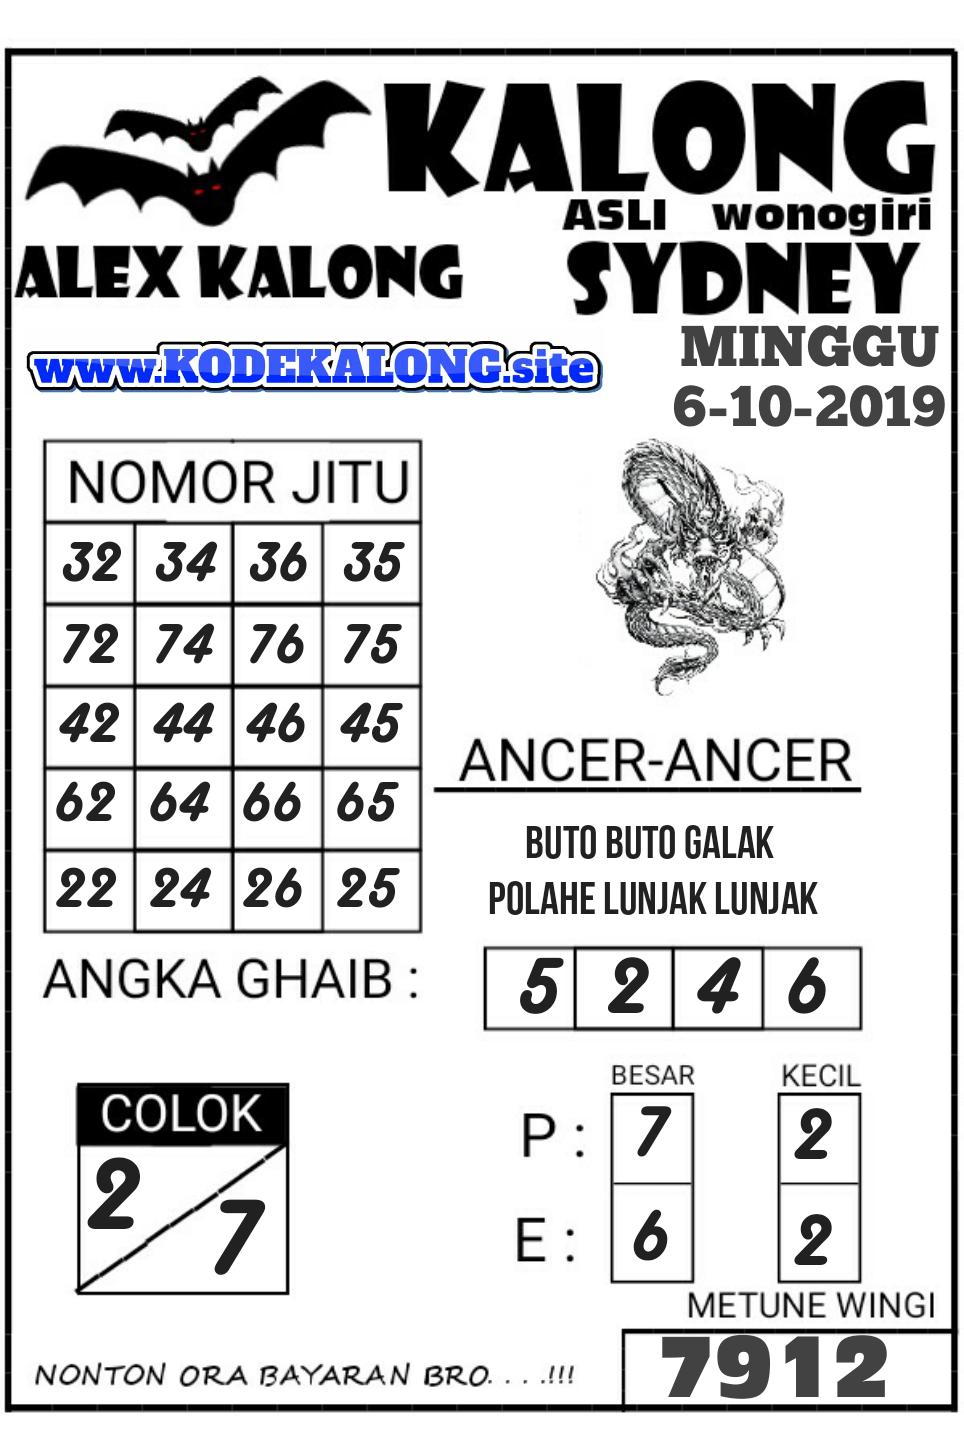 Sab-5-10-2019-23-48-05